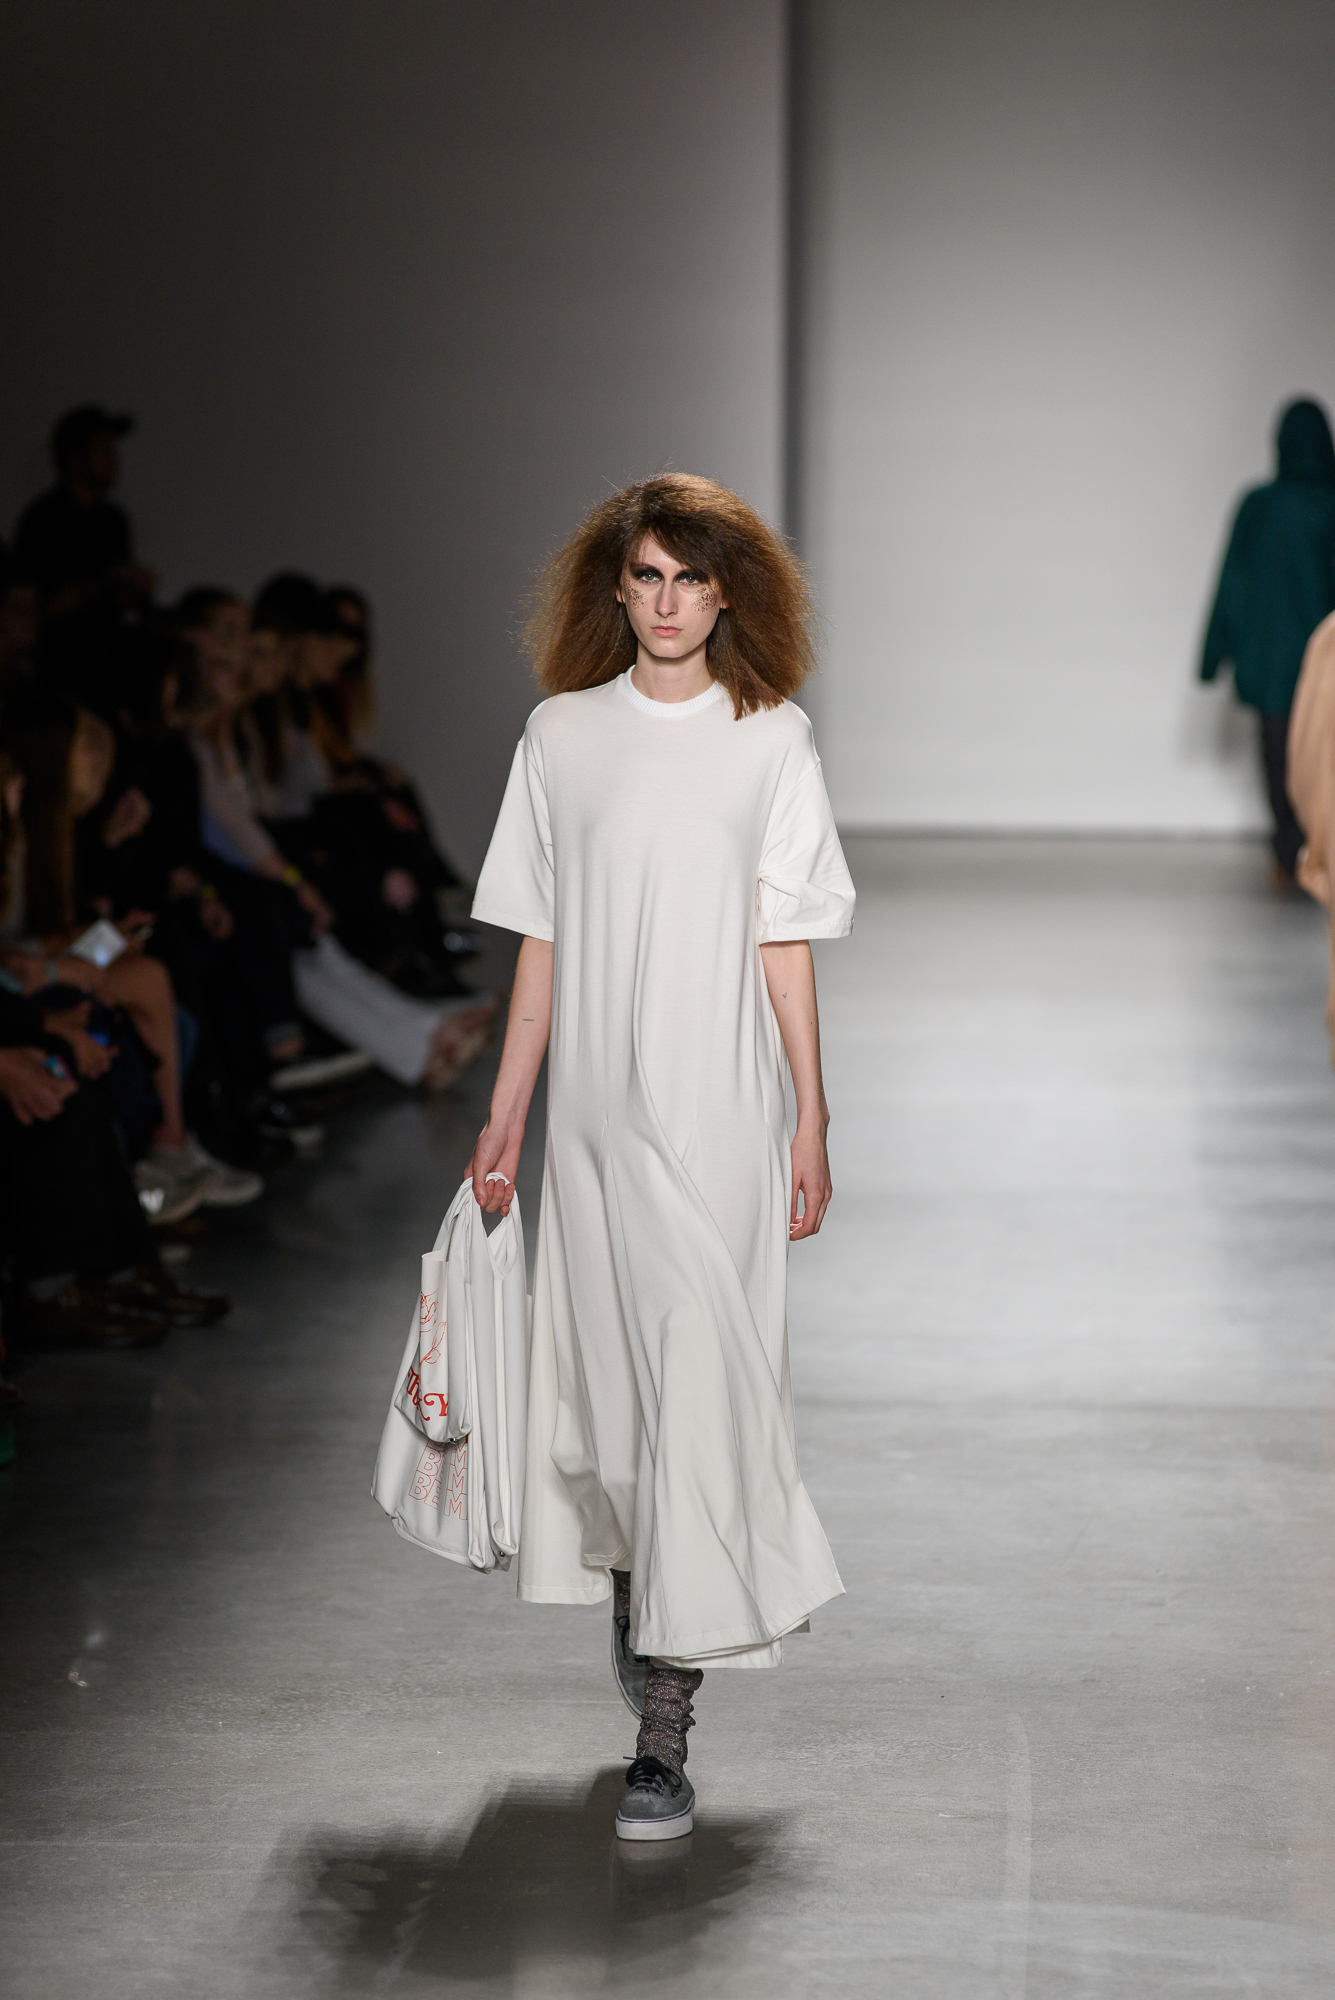 Pratt_Fashion_Show1_2016-Low-Res-463.jpg